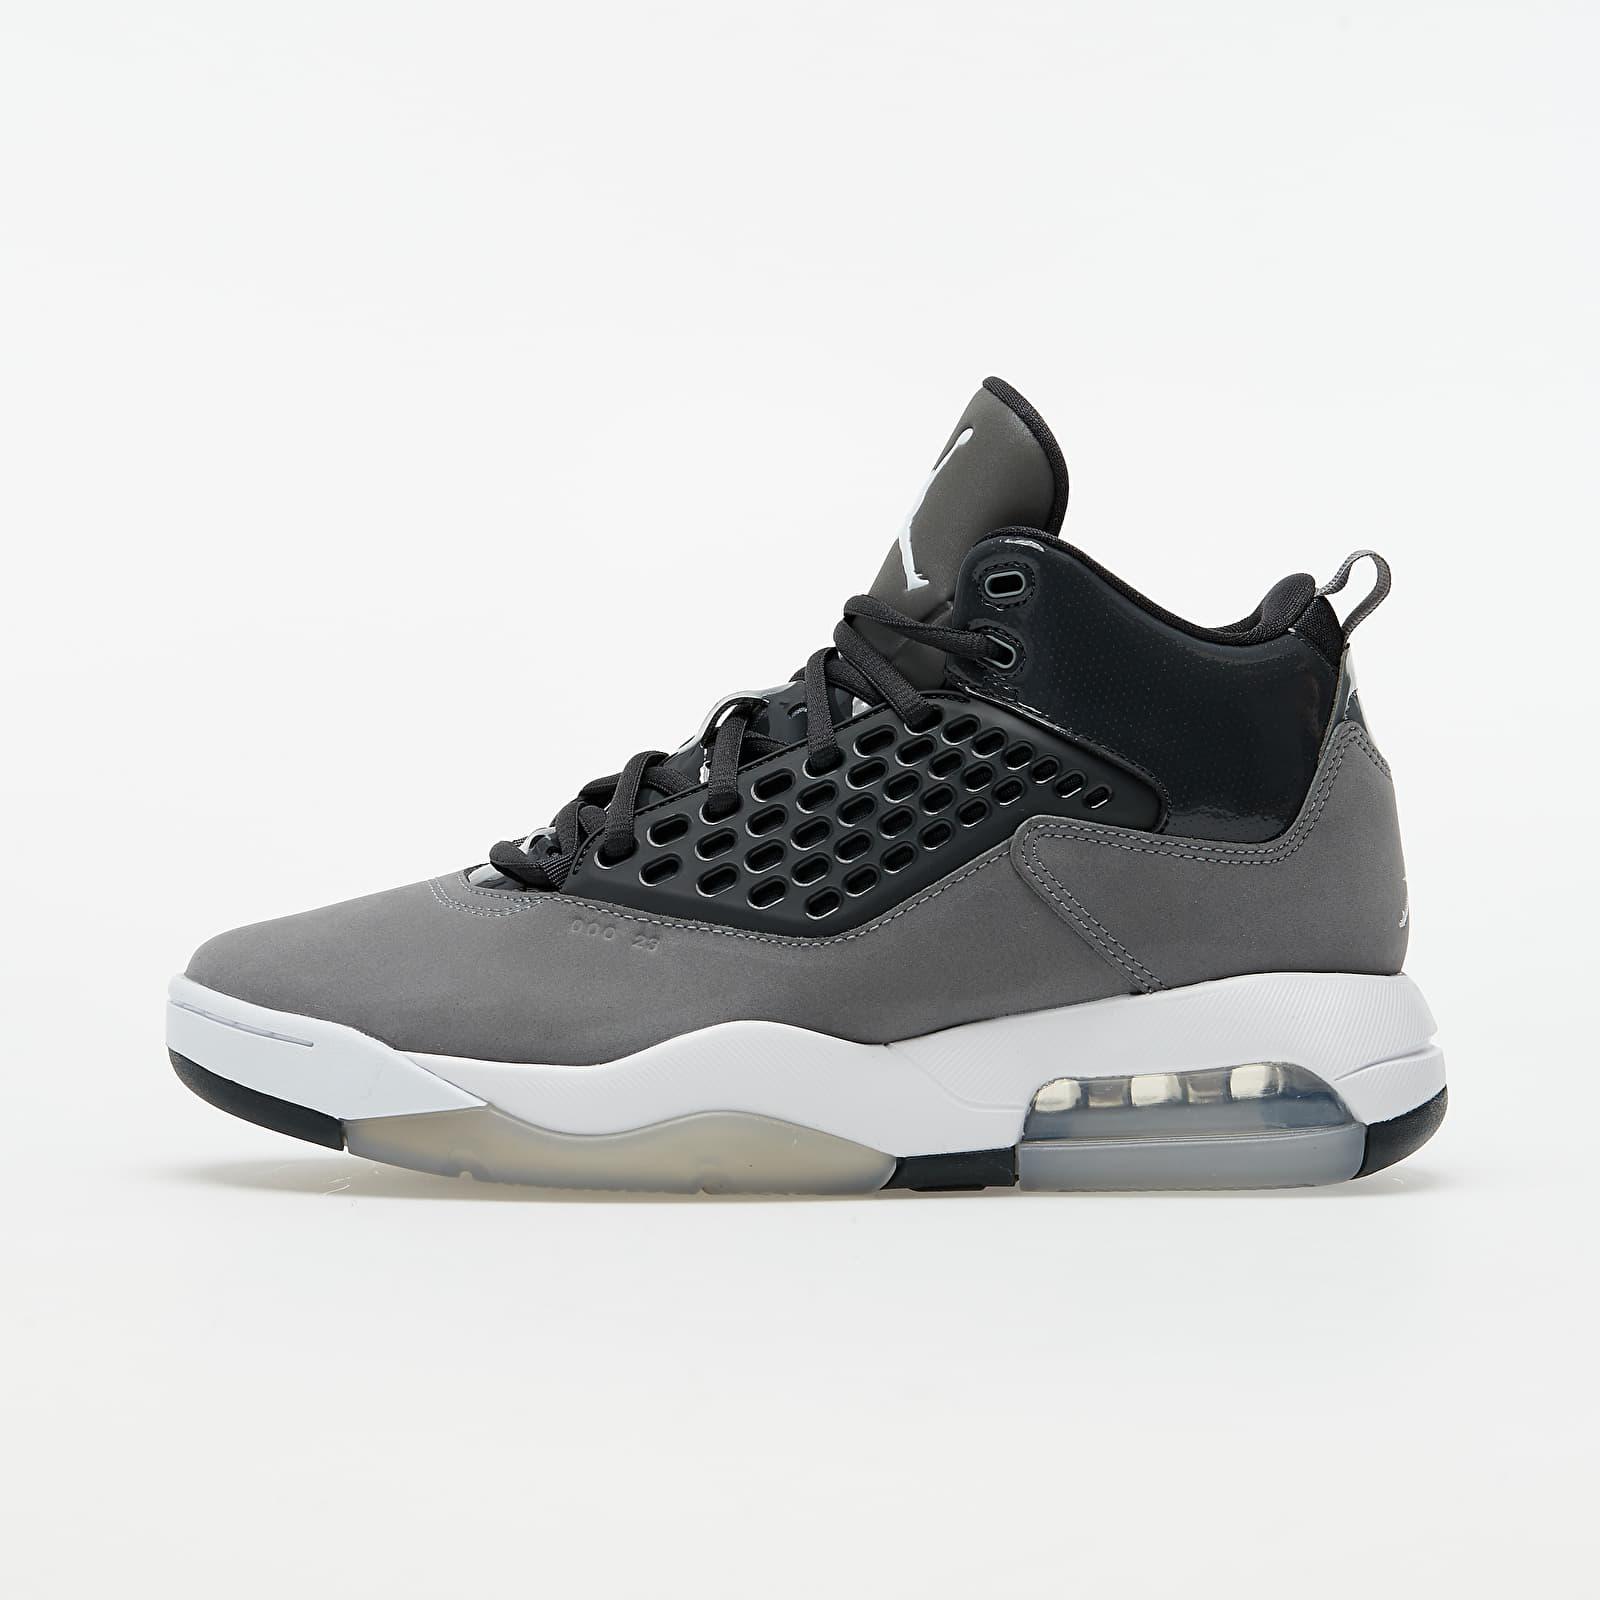 Zapatillas Hombre Jordan Maxin 200 Dk Smoke Grey/ White-Smoke Grey